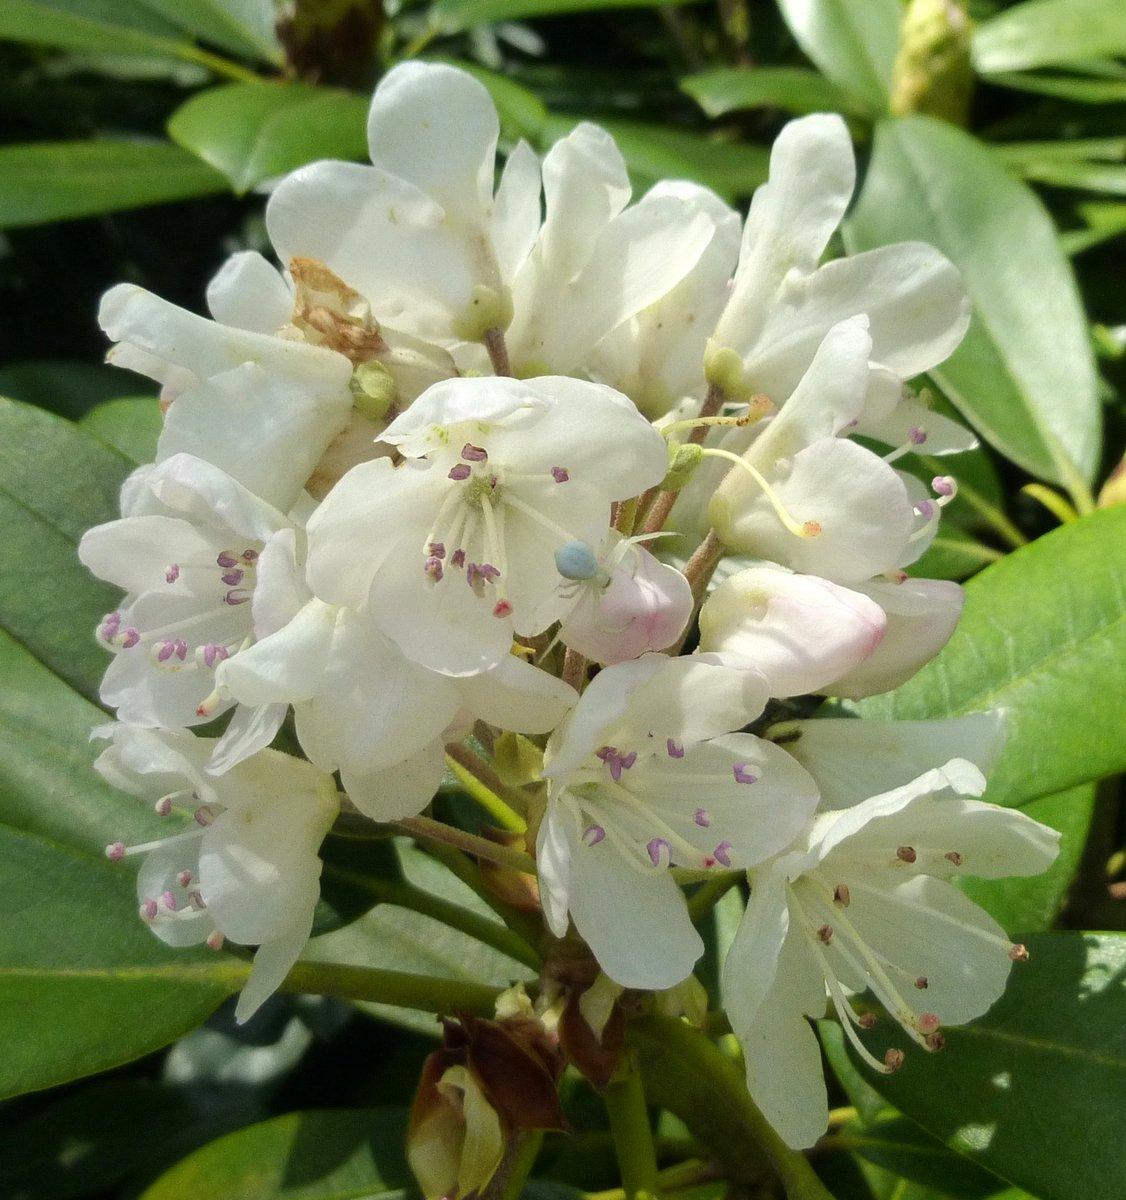 9. Native Rhododendron Blossom